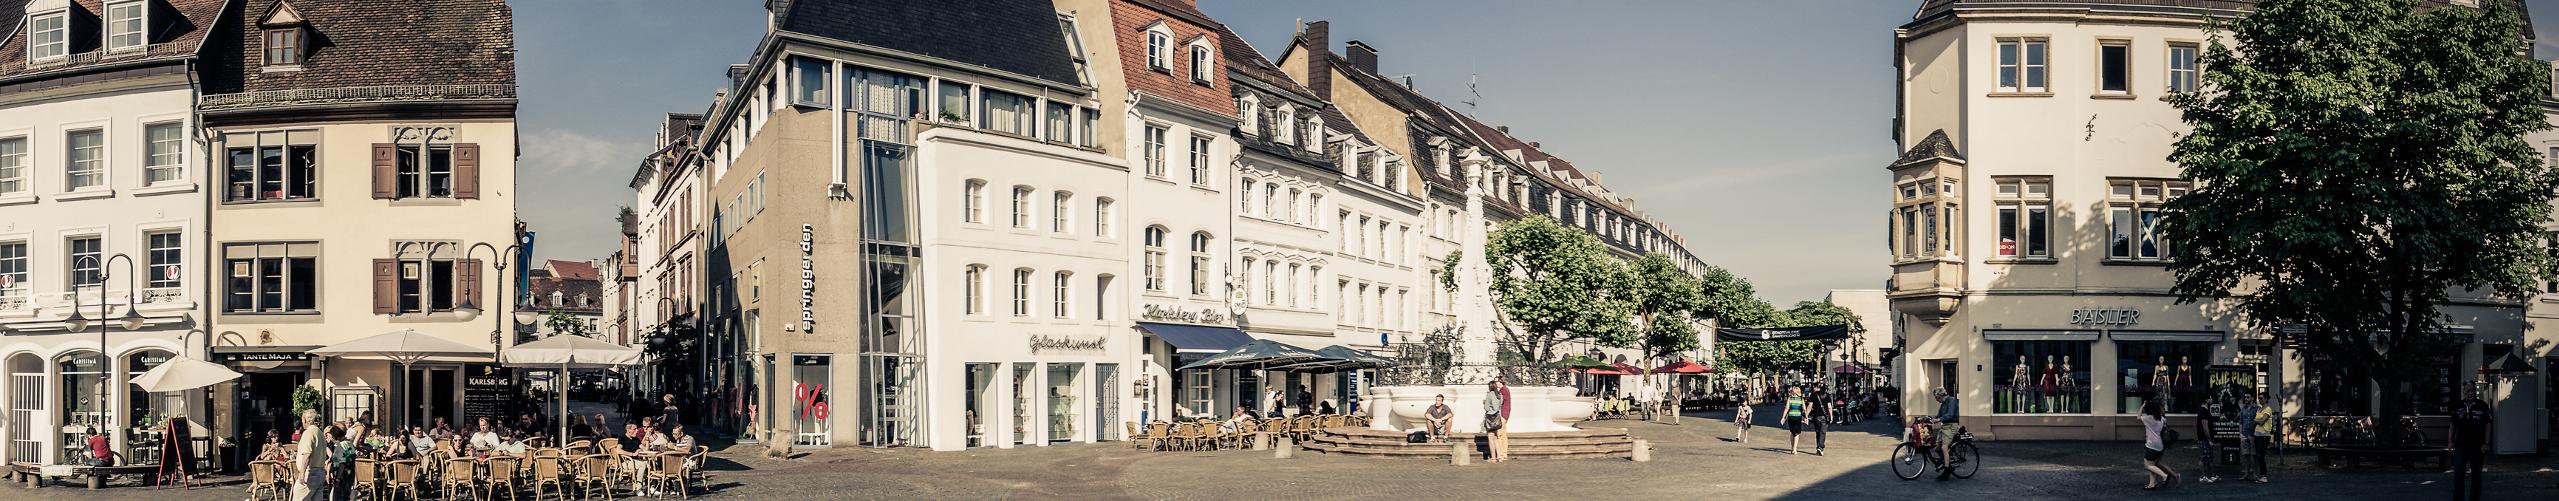 Immobilienwelt-Saarland